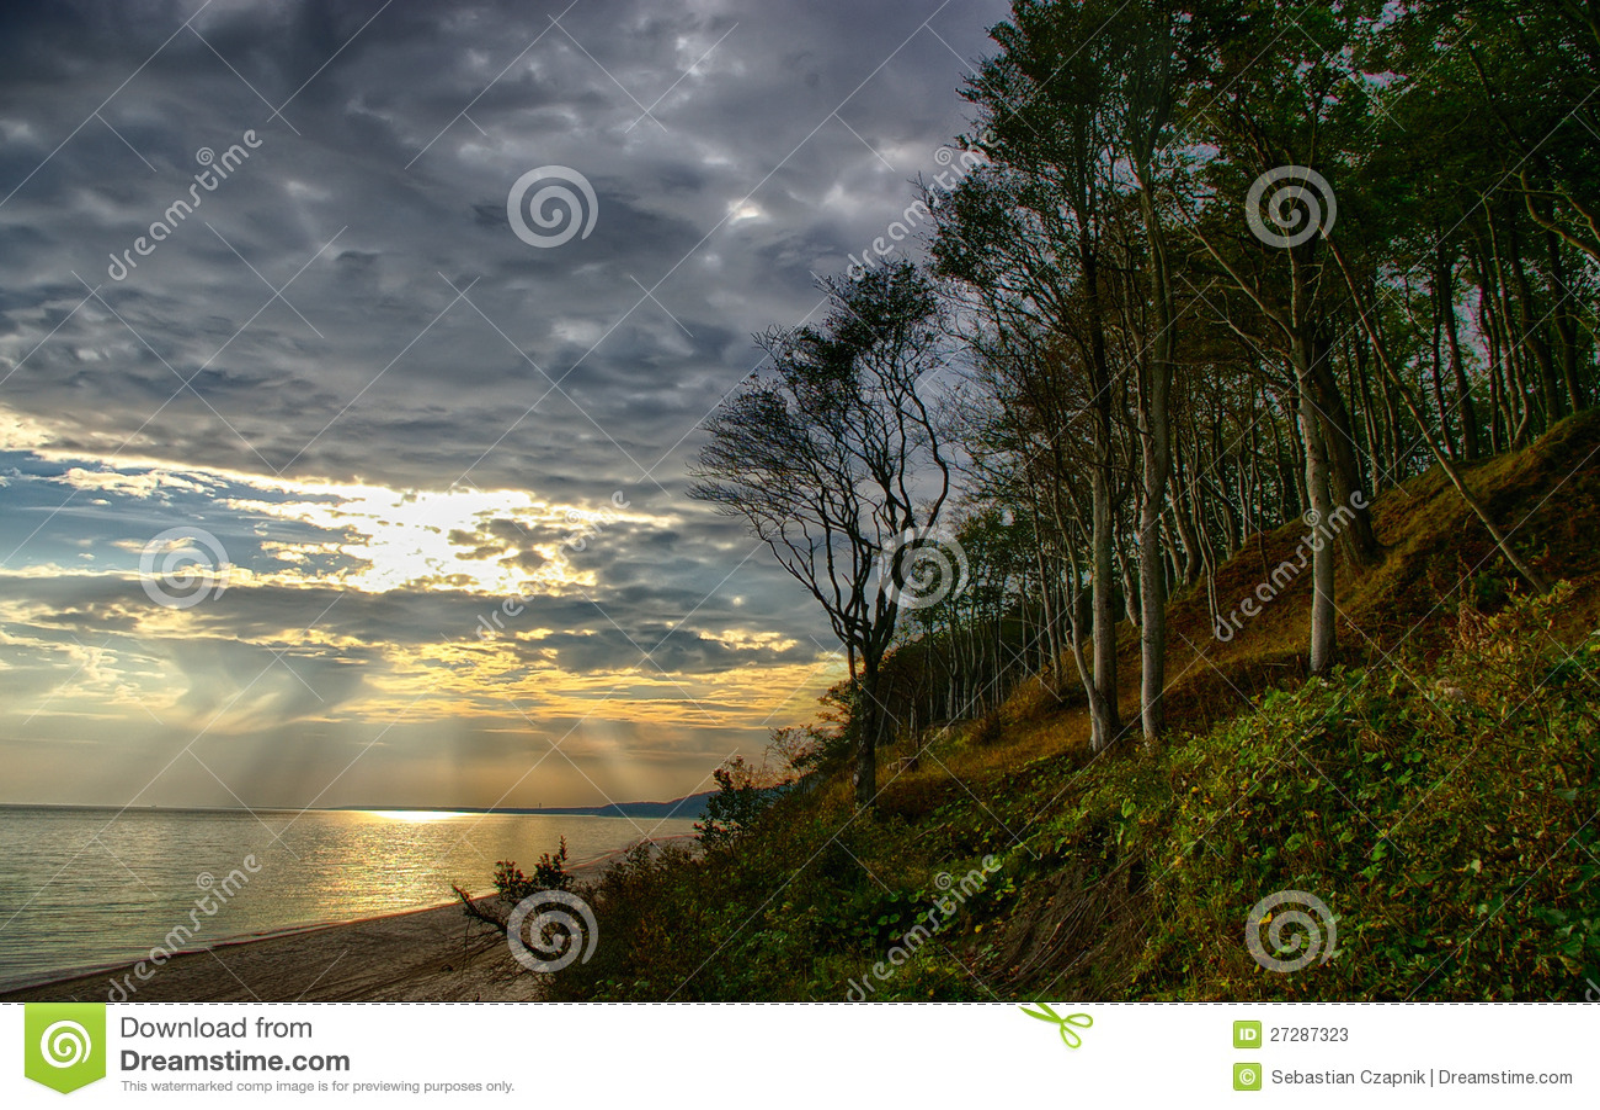 Bosque y orilla